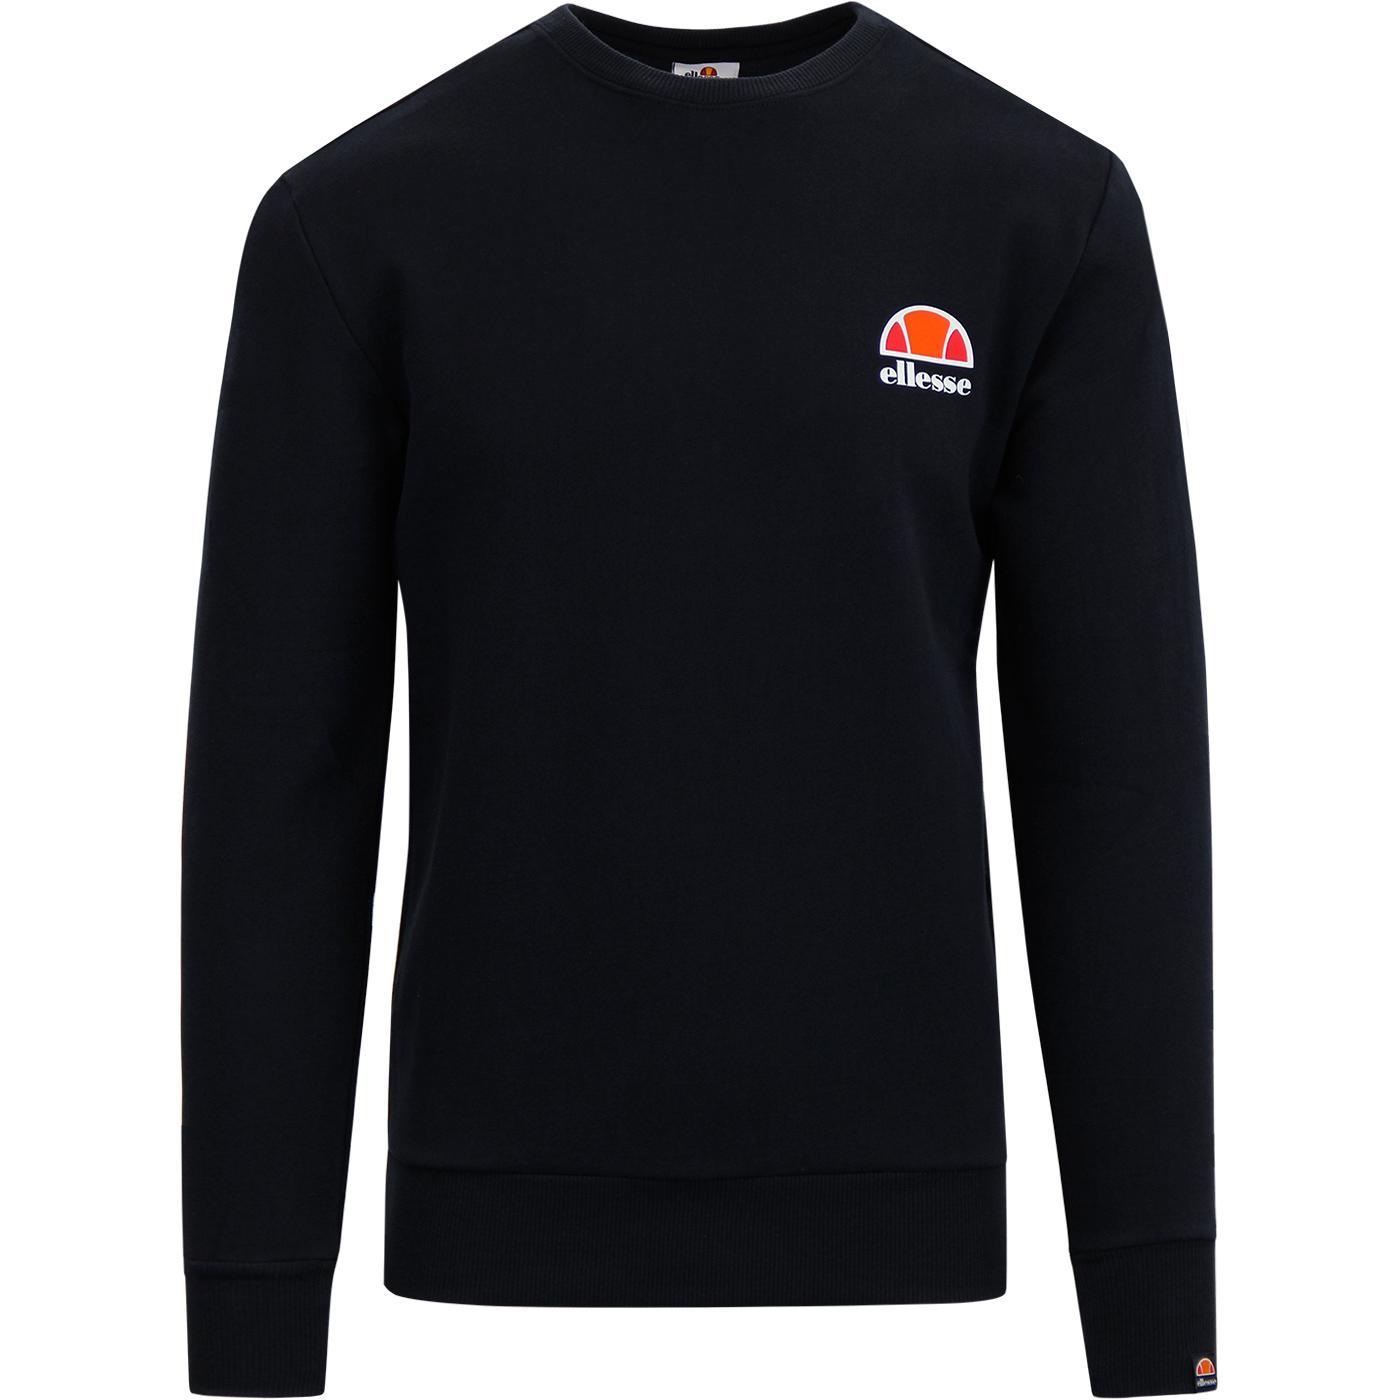 Diveria ELLESSE Men's Retro Basic Sweatshirt B